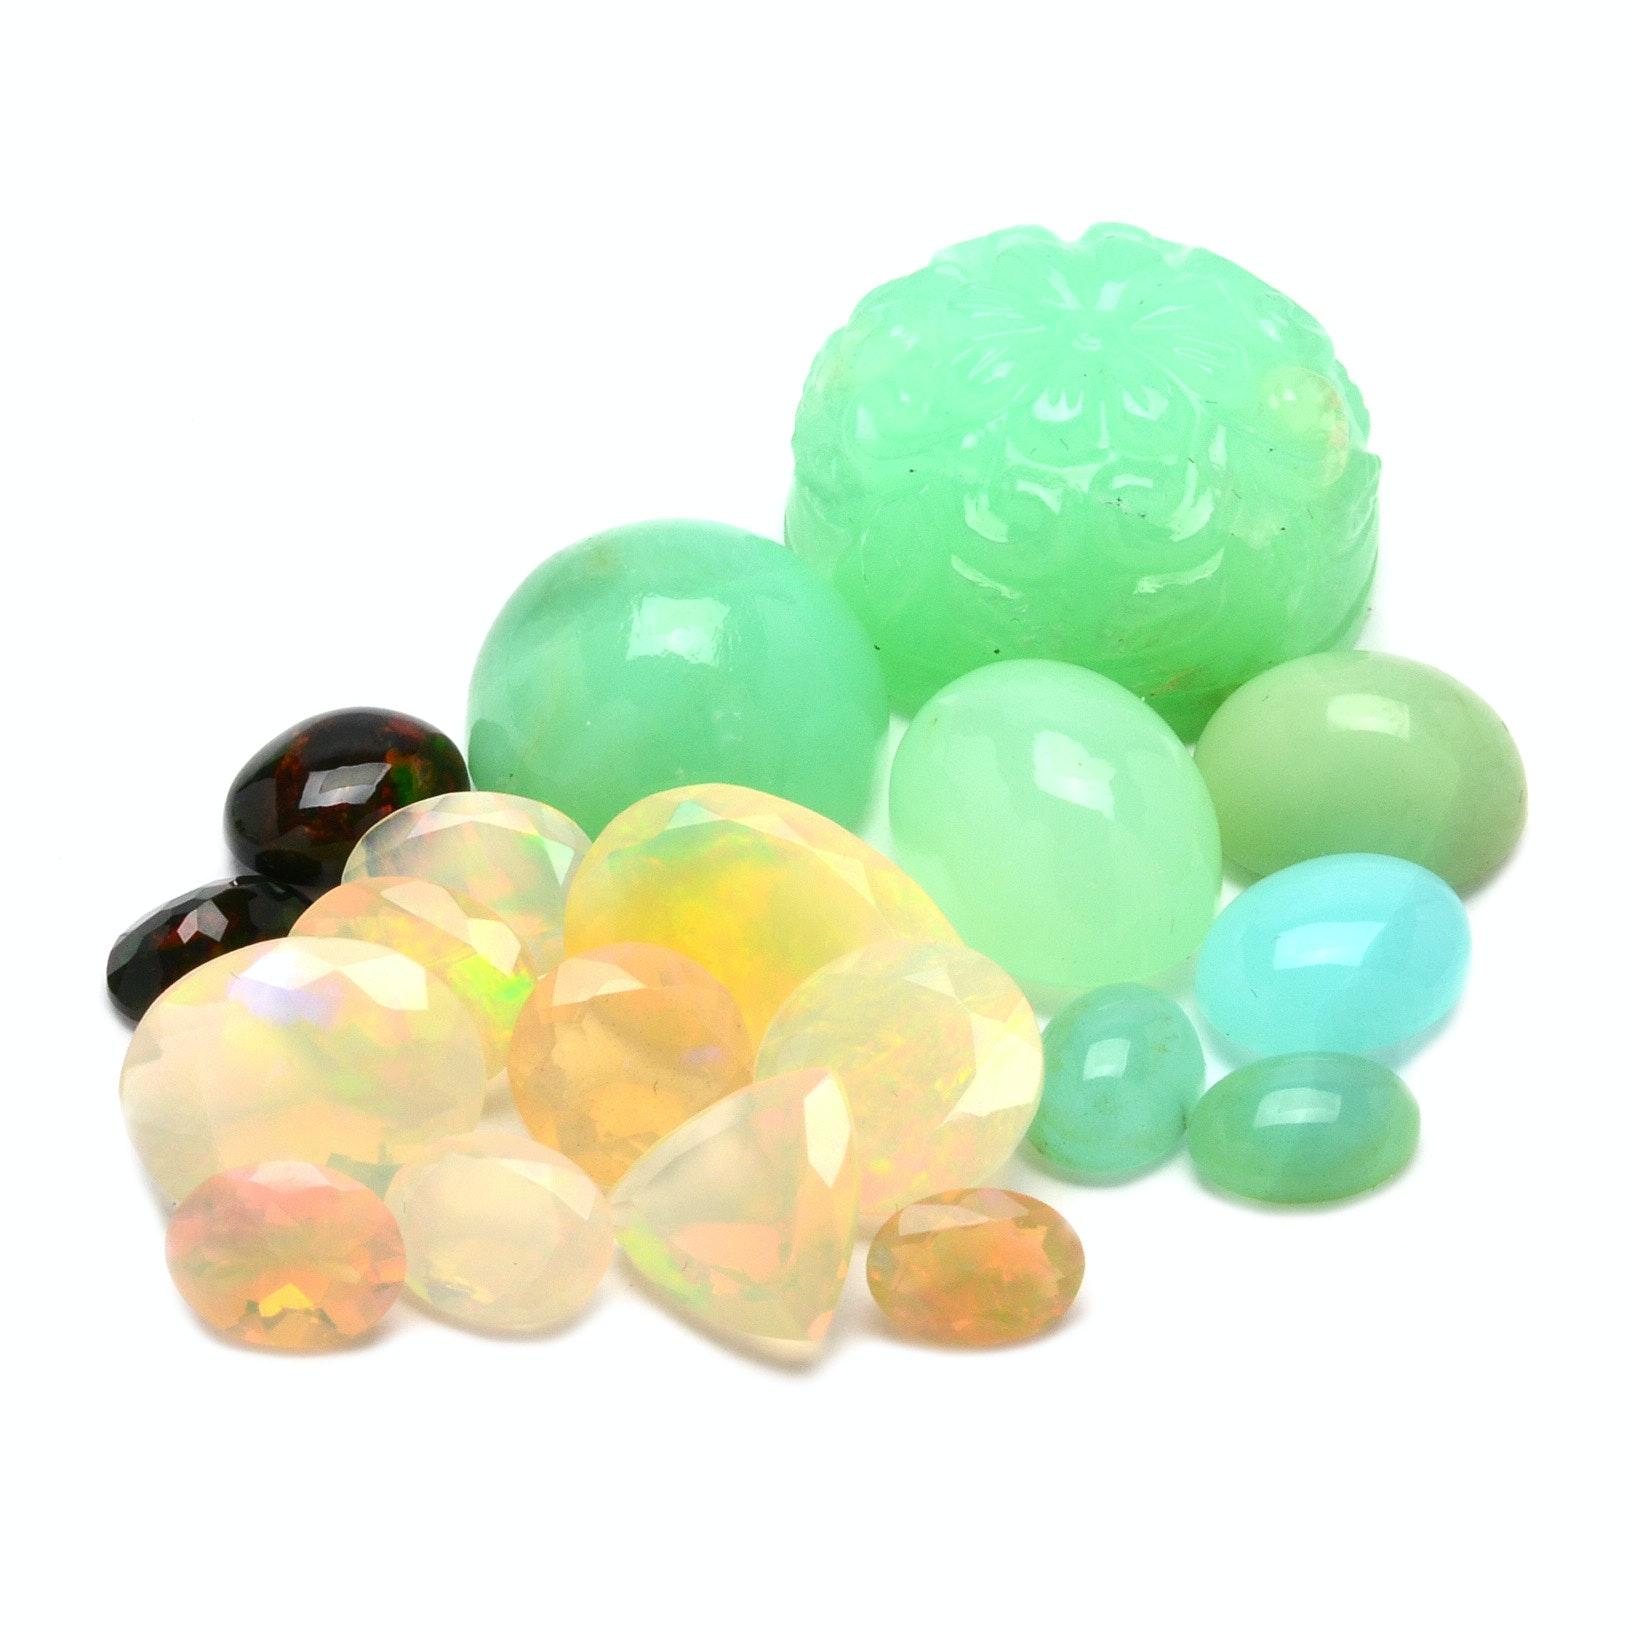 Loose Opal Varieties